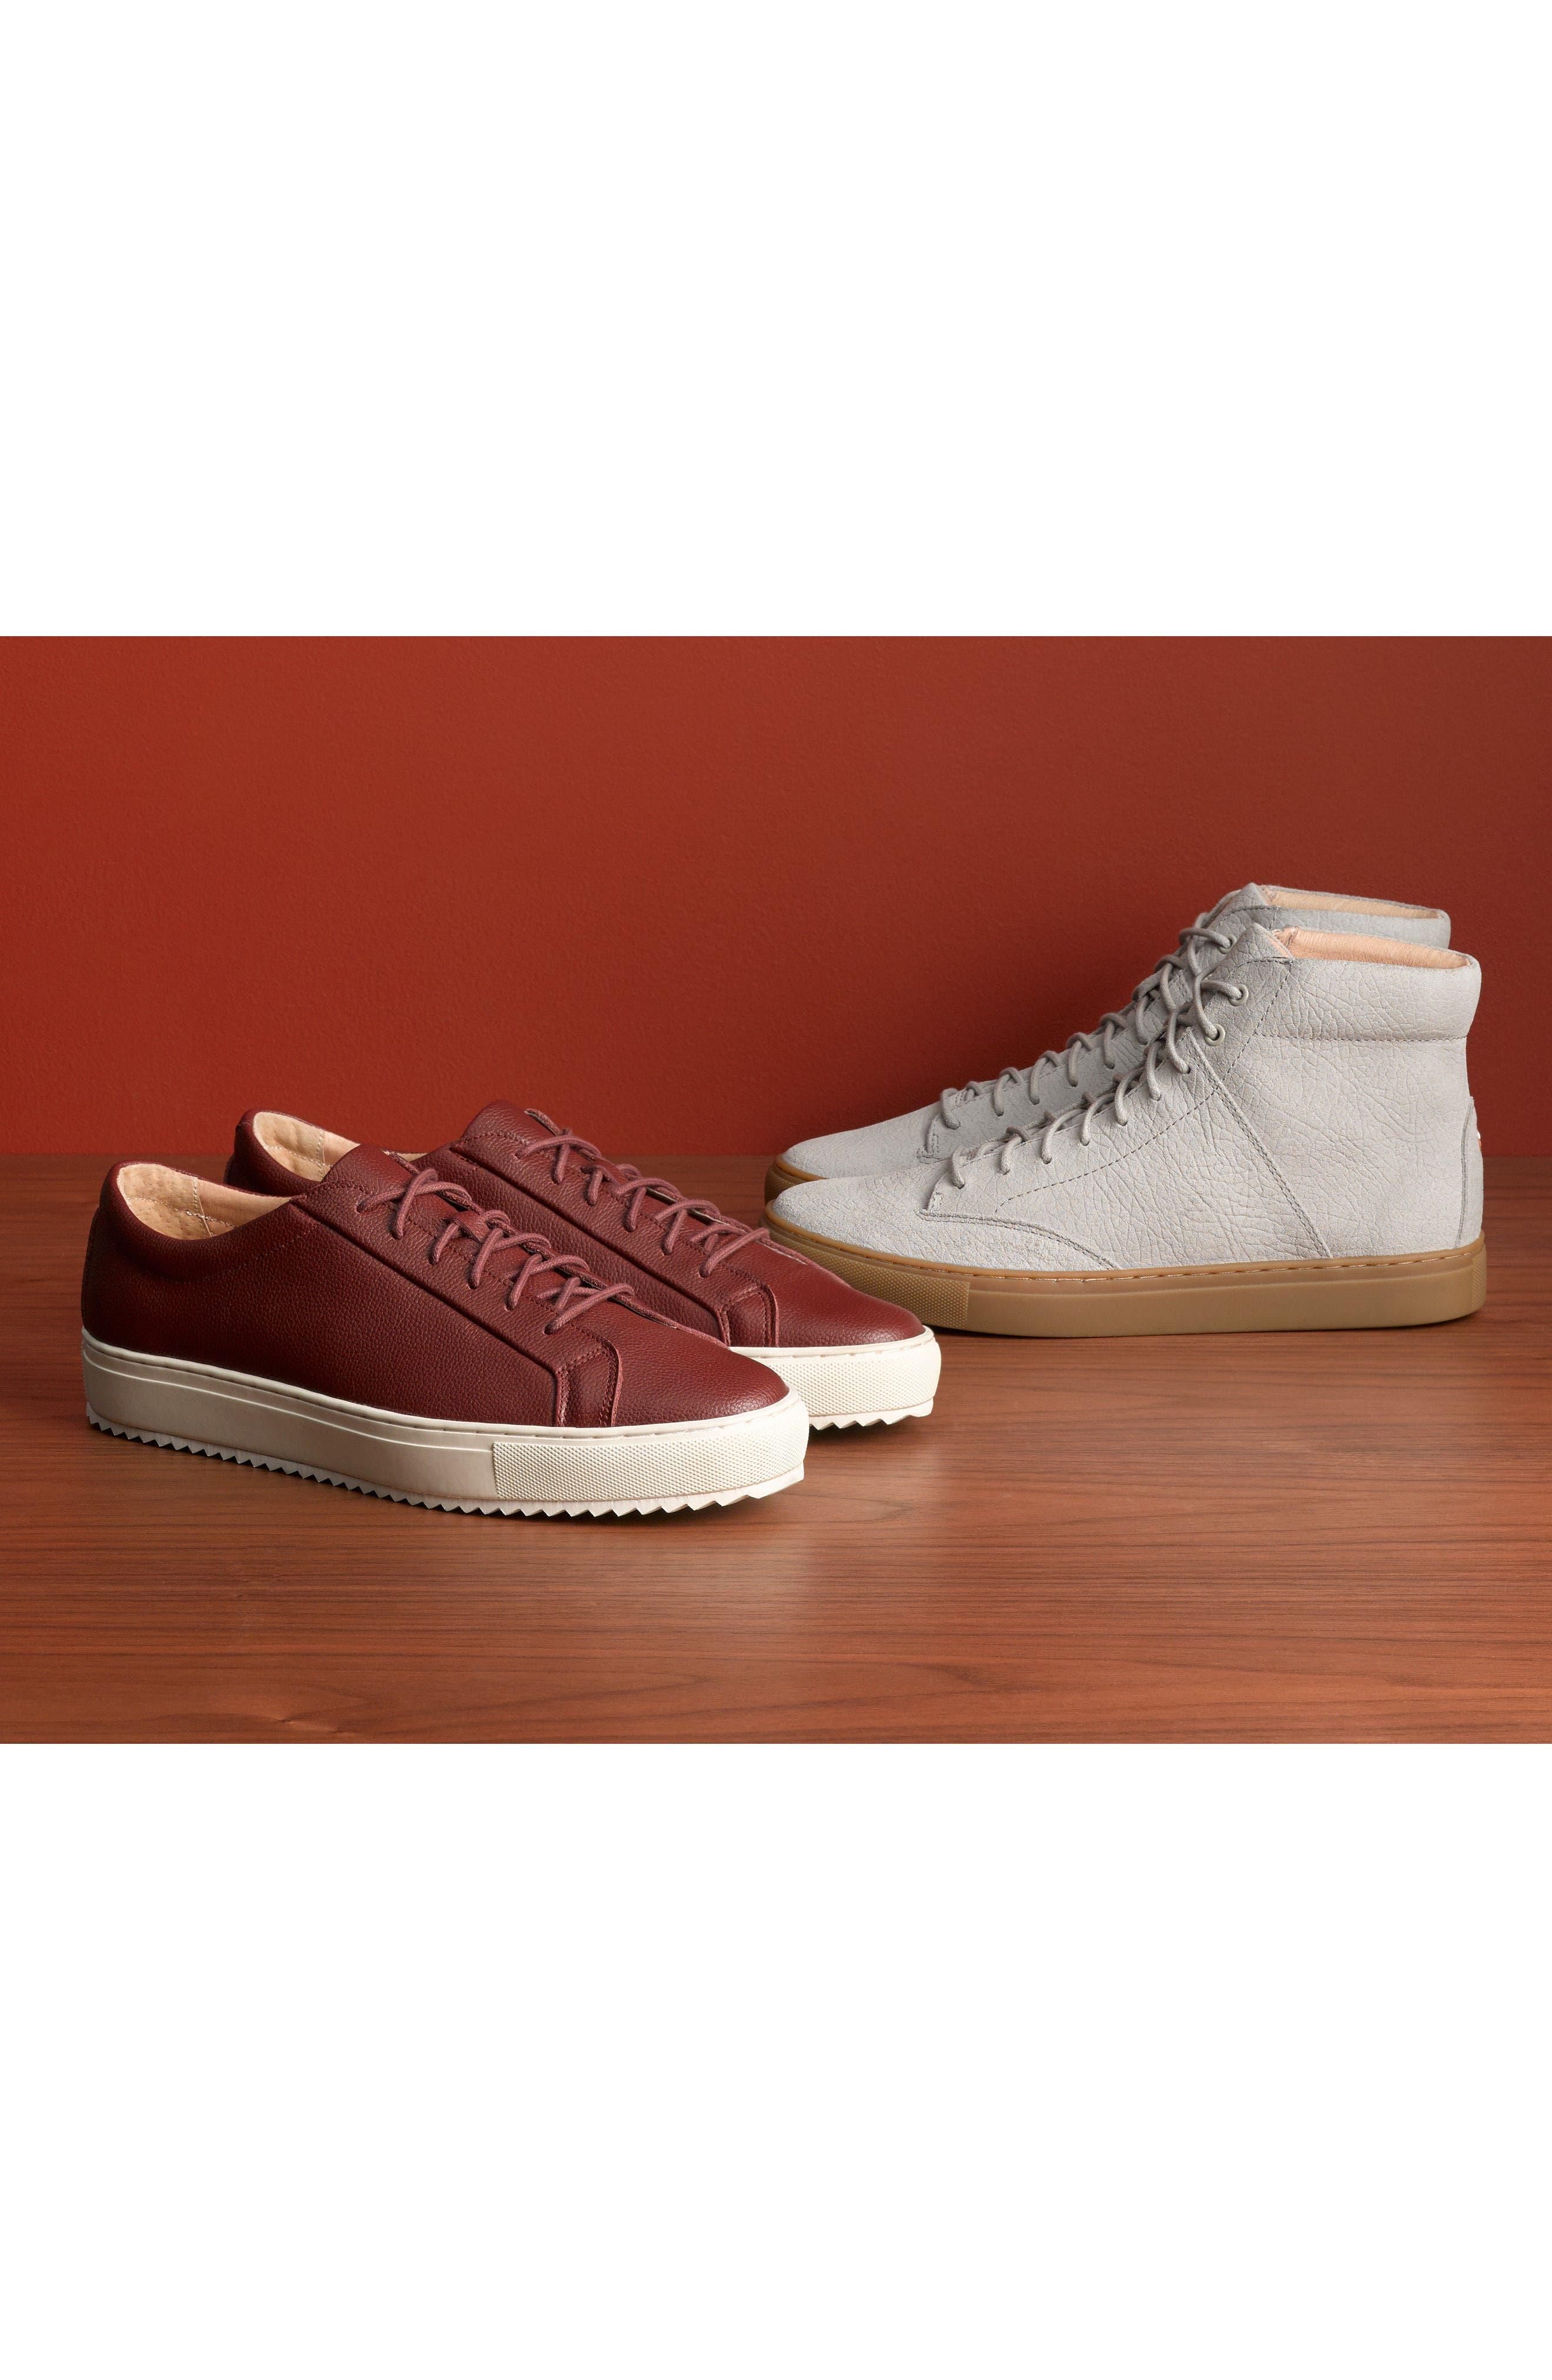 'Porter' High Top Sneaker,                             Alternate thumbnail 7, color,